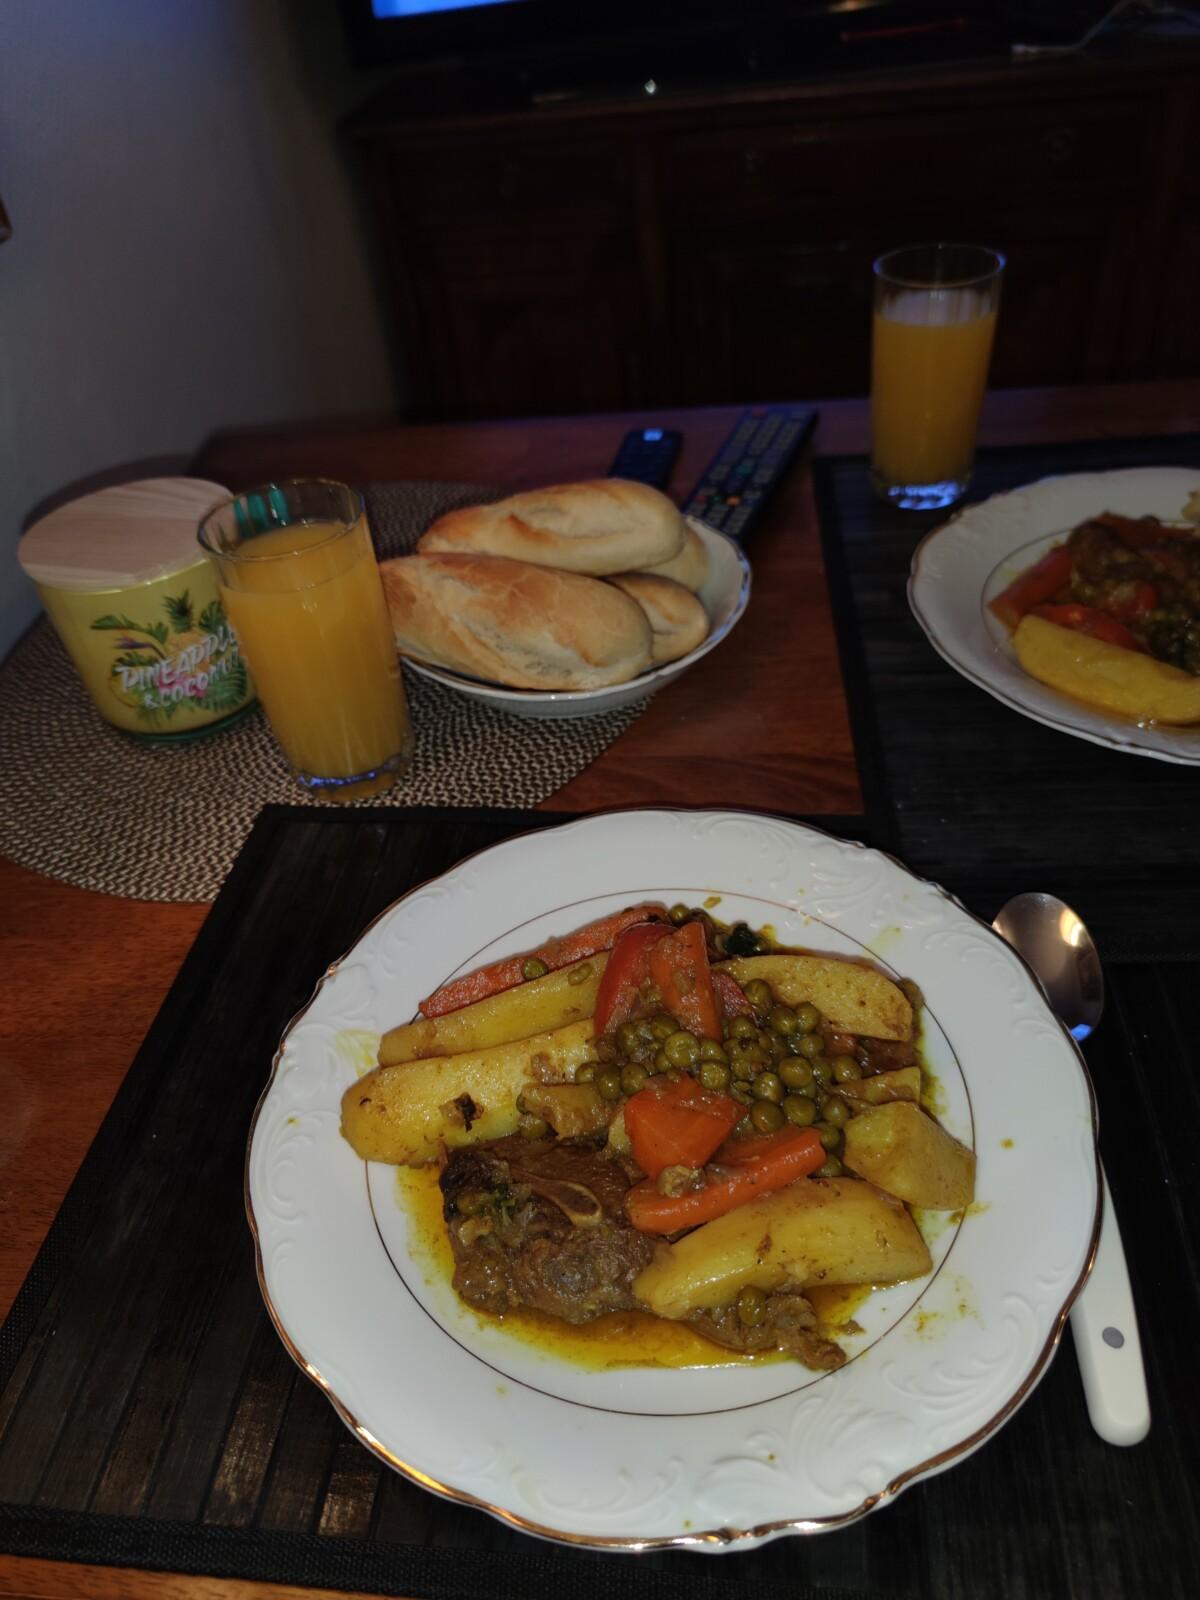 marokkanskmat-marrokansk-marokko-maroc-arabisk-arabiskmat-mat-middag-favorittmat-isalicious-isalicious1-isalicious.blogg.no